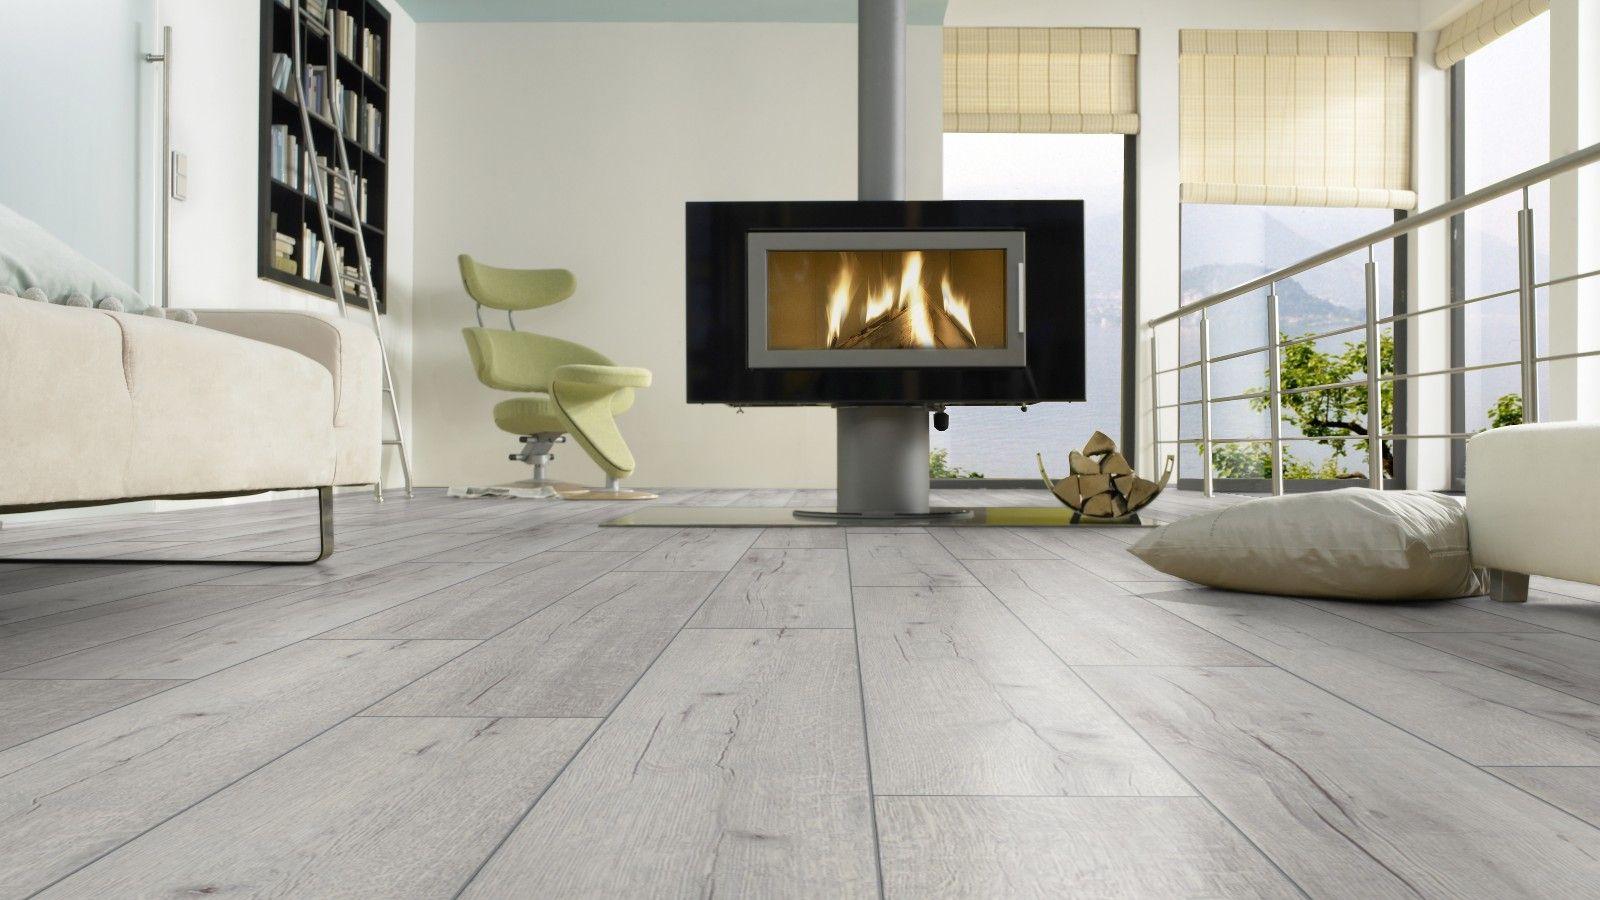 Wood Flooring Ireland Handmade Timber Flooring Cork Nationwide House Flooring Timber Flooring Engineered Wood Floors